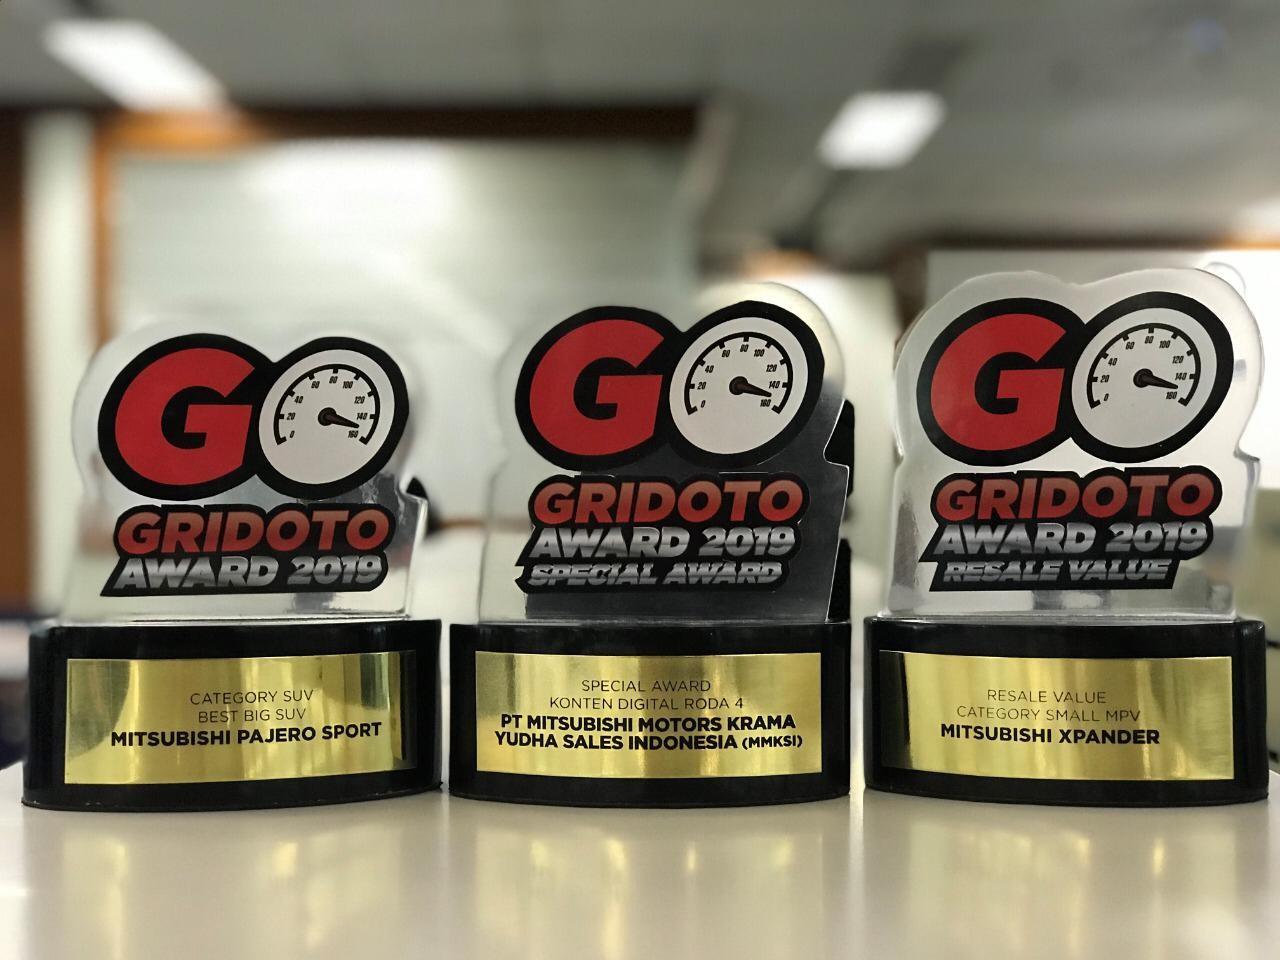 Mitsubishi Raih 3 Penghargaan dari GridOto Award